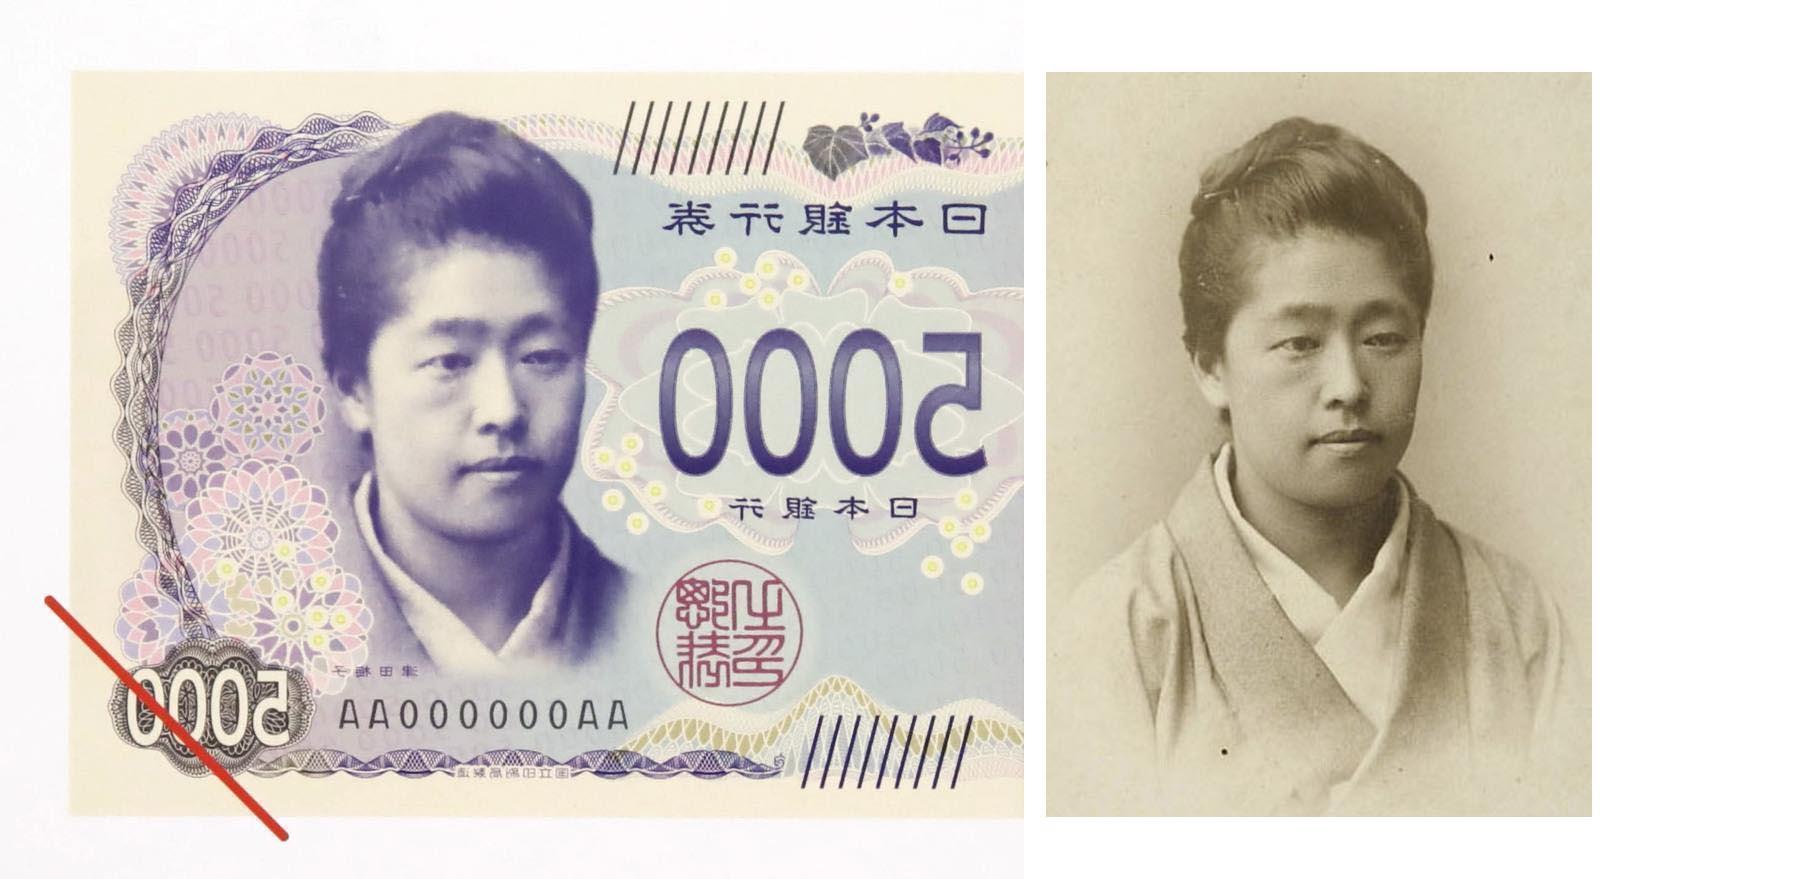 左は、津田梅子の肖像が描かれた新5千円札の画像を反転したもの。右は、津田塾大が国立印刷局に提供した津田梅子の36歳ごろの肖像写真=1901年ごろ撮影(津田塾大提供)